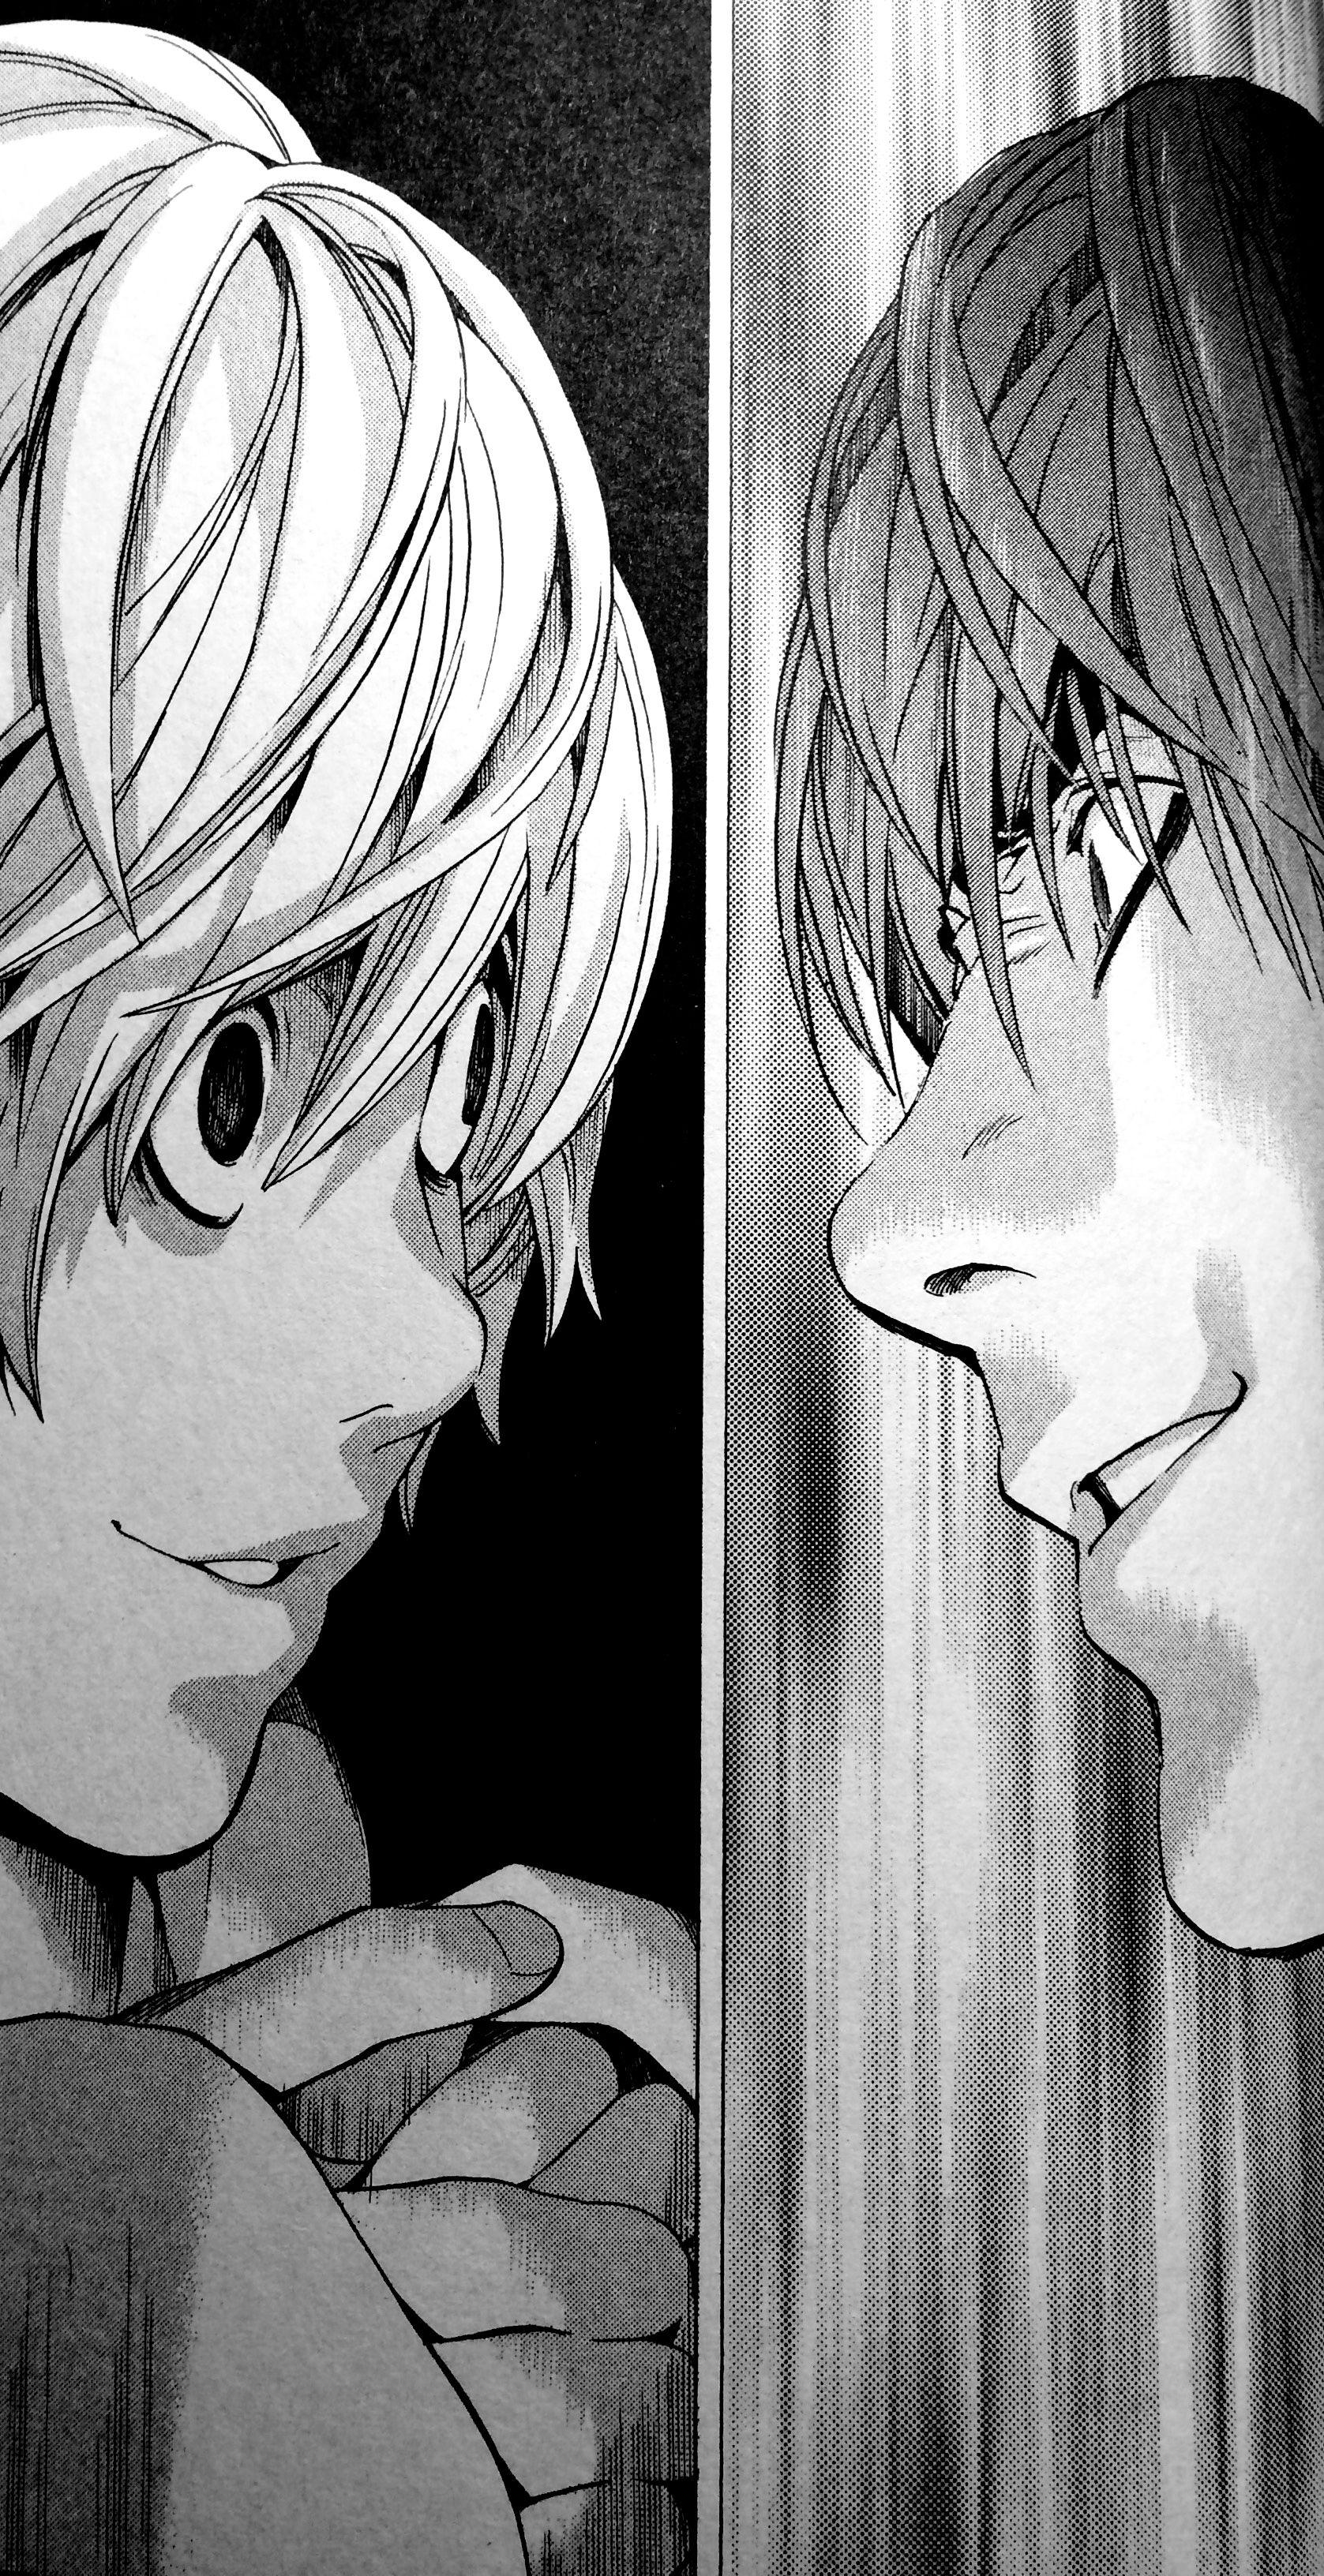 Death note manga tsugumi ohba and takeshi obata dn - Manga death note ...